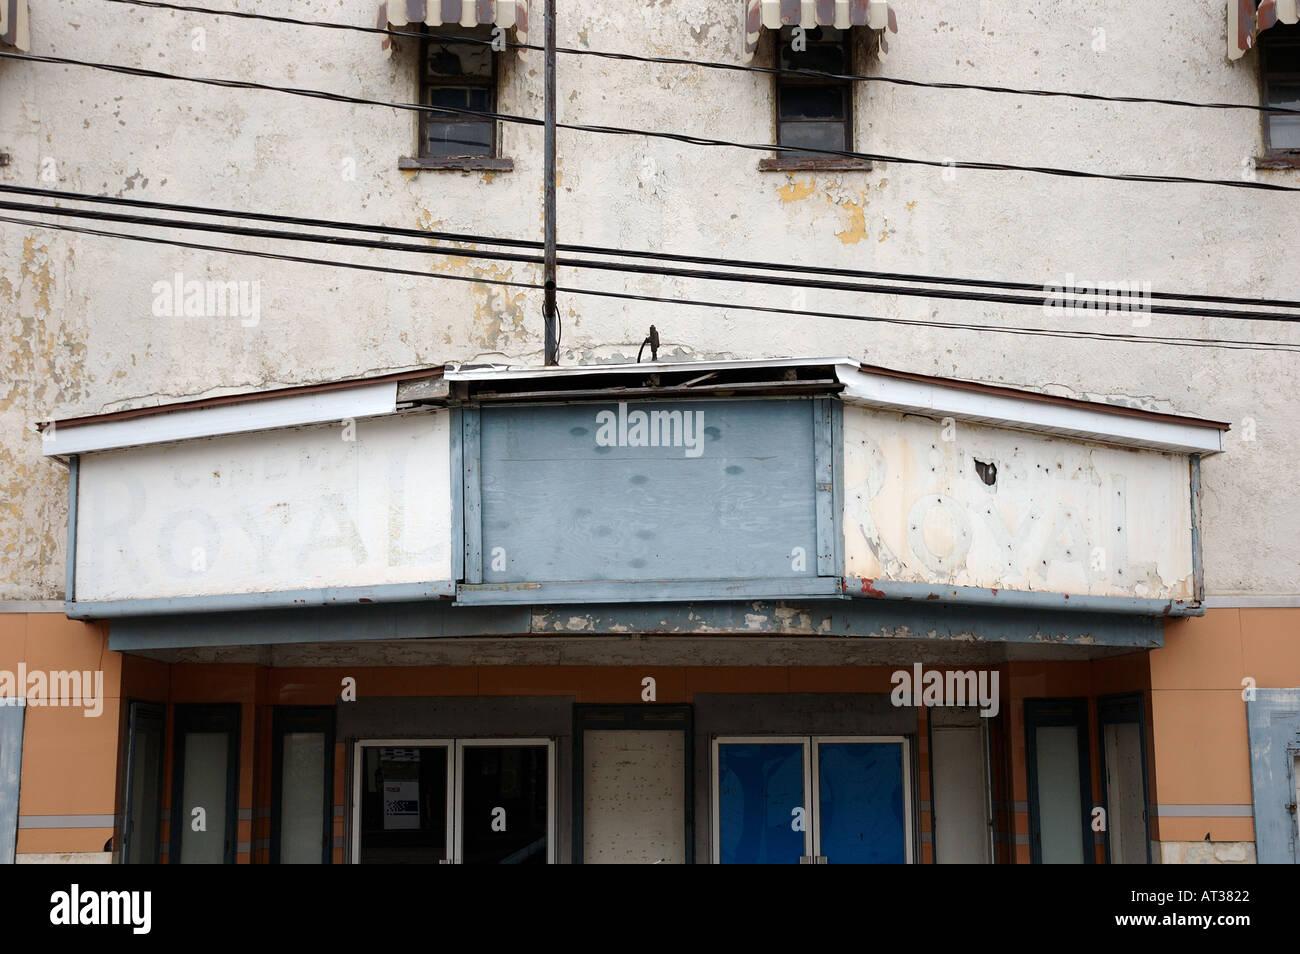 Un vieux théâtre abandonné et à Donnacona Québec Canada Photo Stock